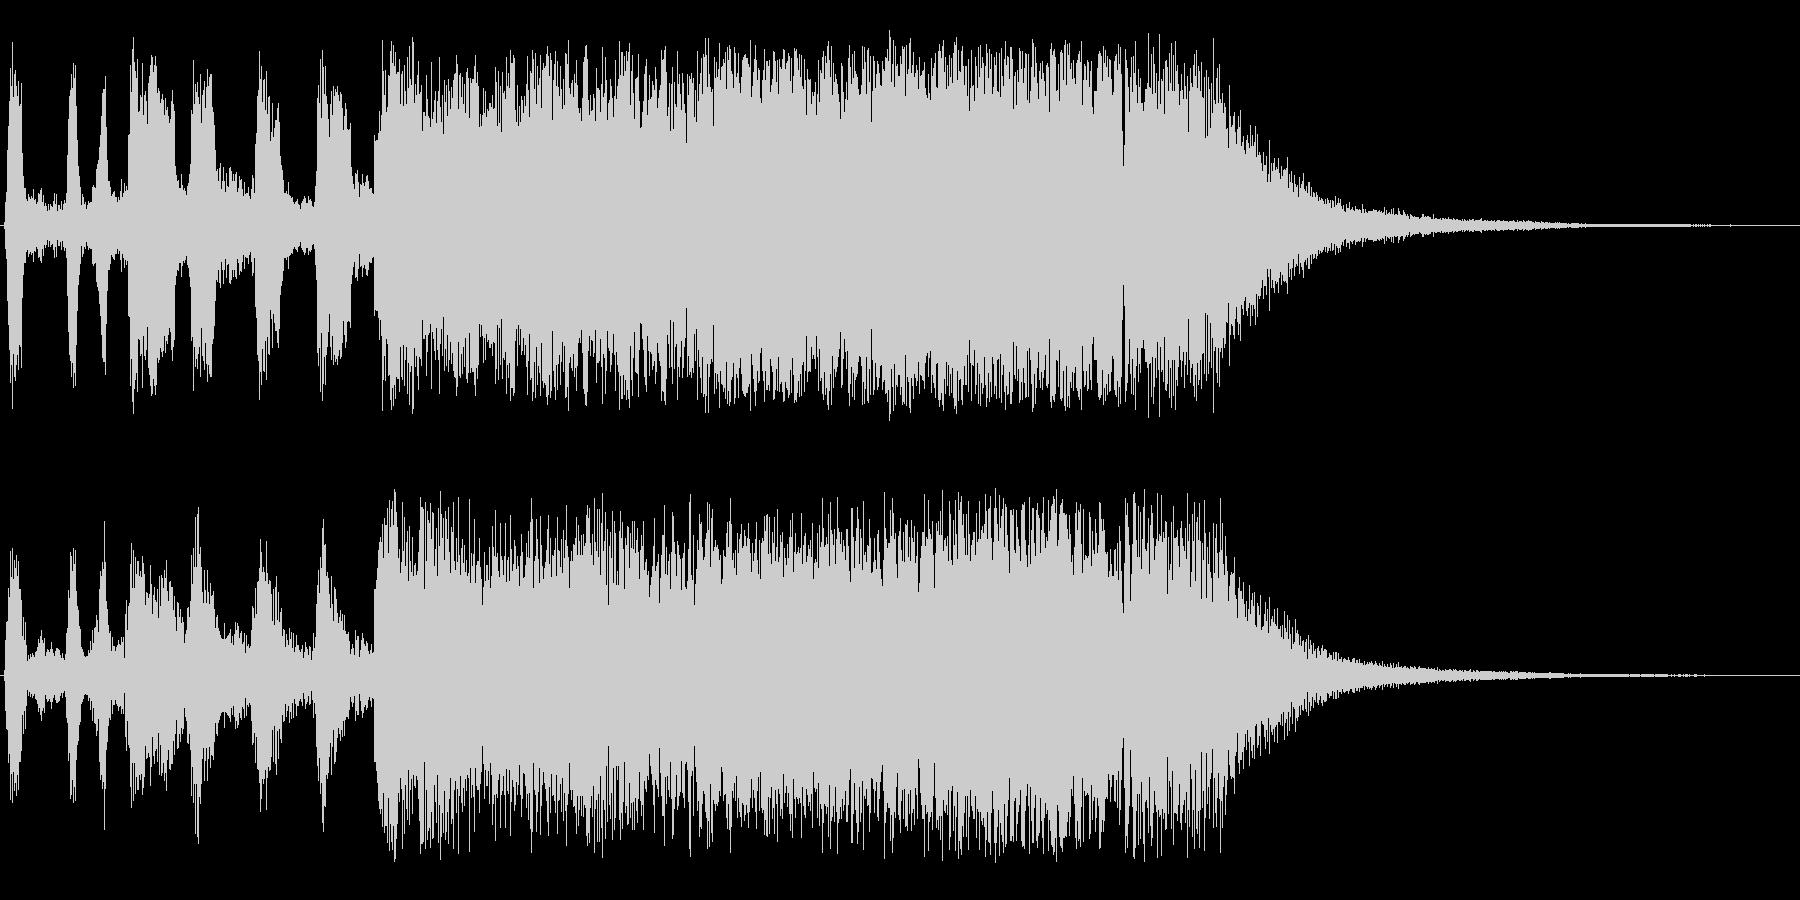 ブラスのファンファーレの未再生の波形